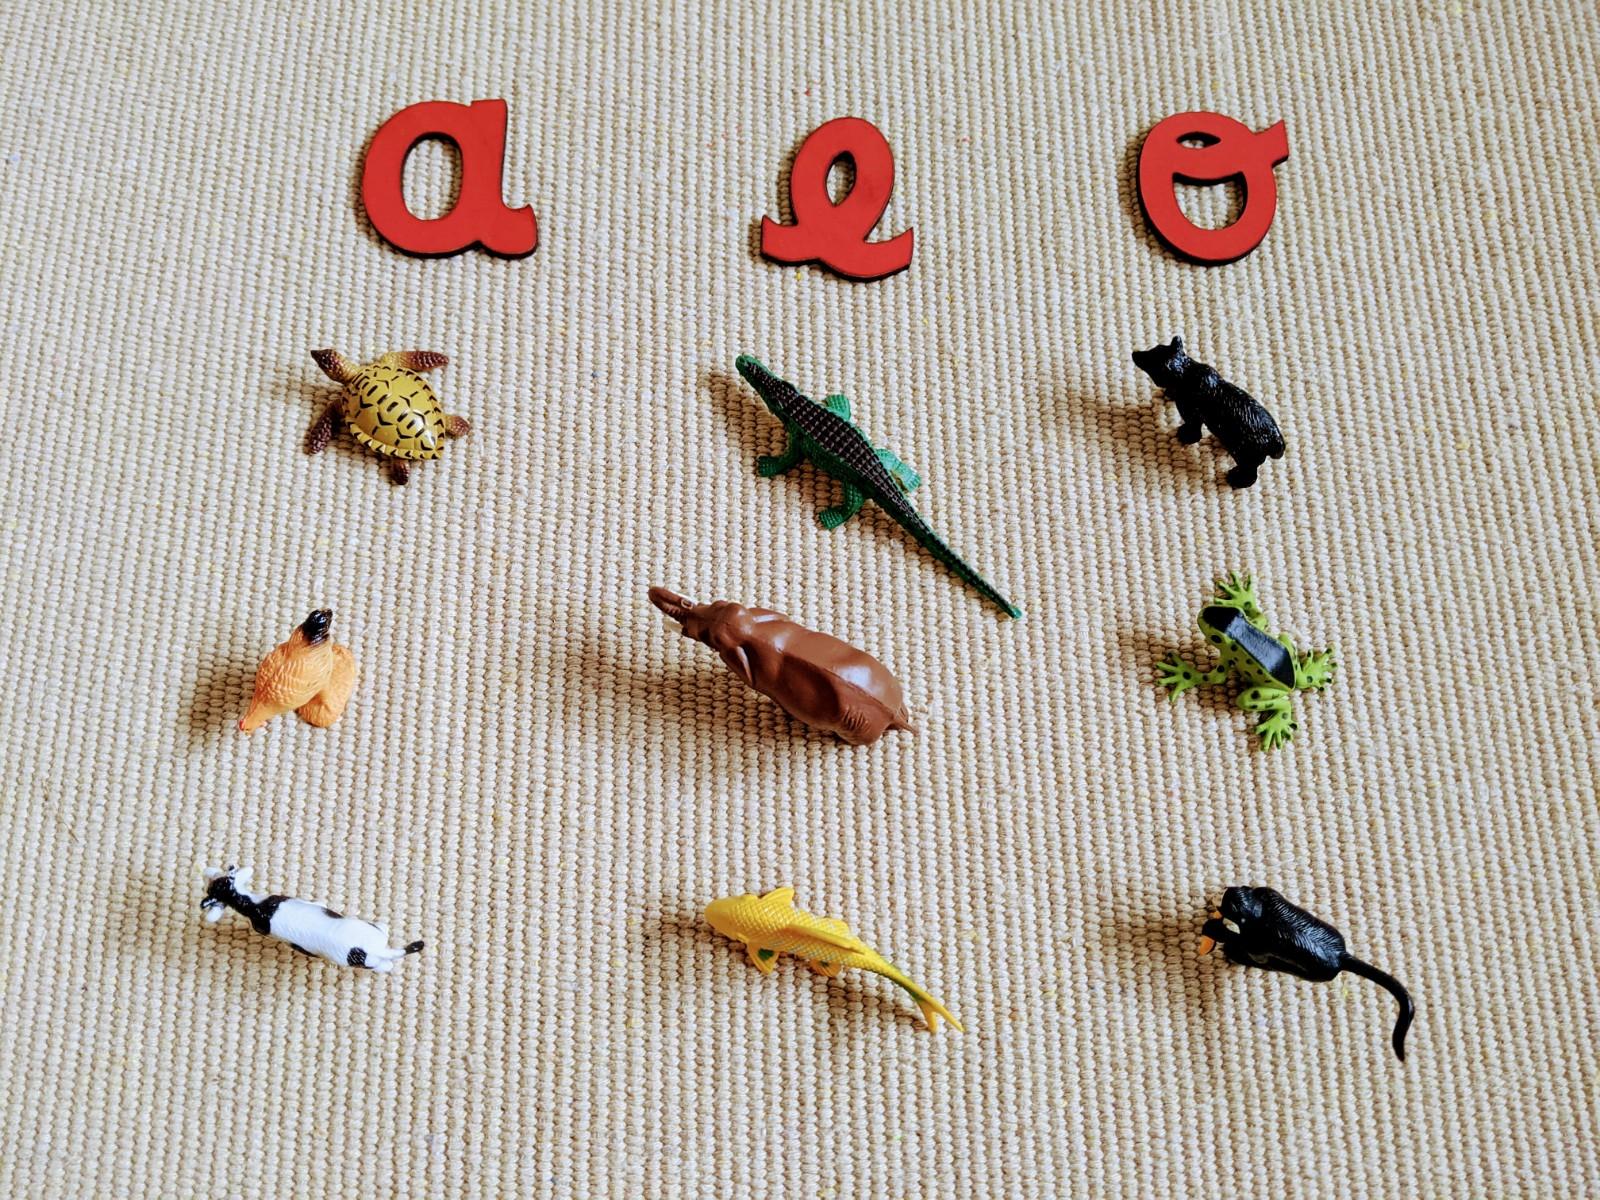 consciencia fonologica sons finais dos animais